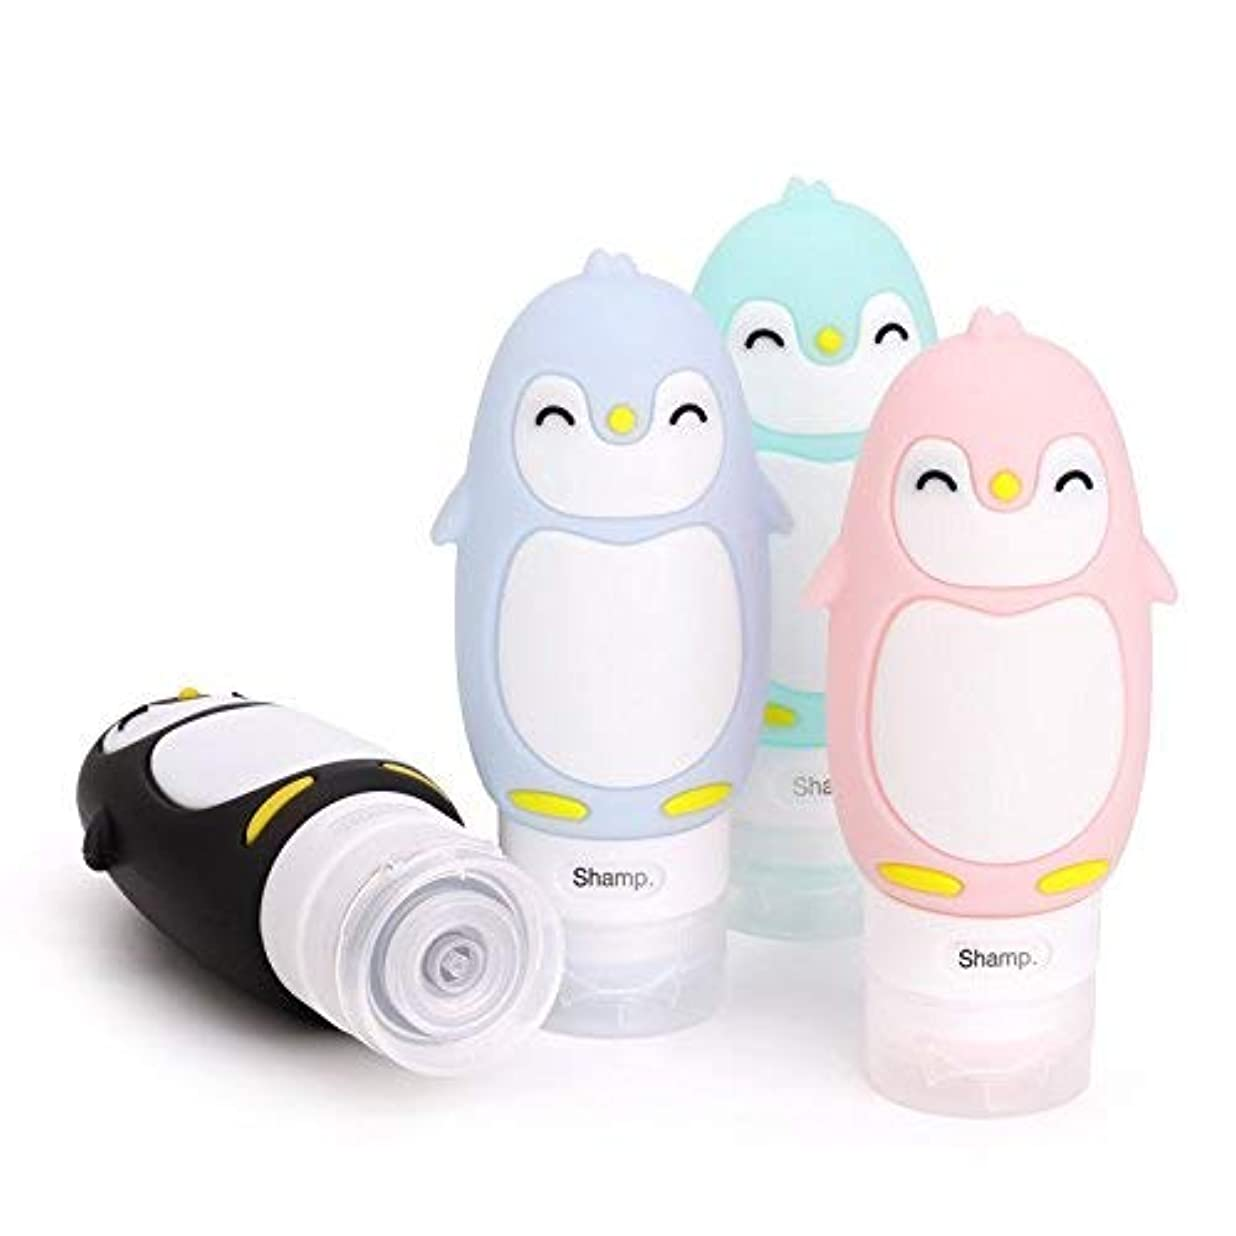 抑止する無視道Kinbo 4パックポータブルトラベルボトルリーク防止、3ozリフィル可能なソフトシリコンスキージリキッドトイレタリーコンテナ、シャンプーローションソープ化粧品